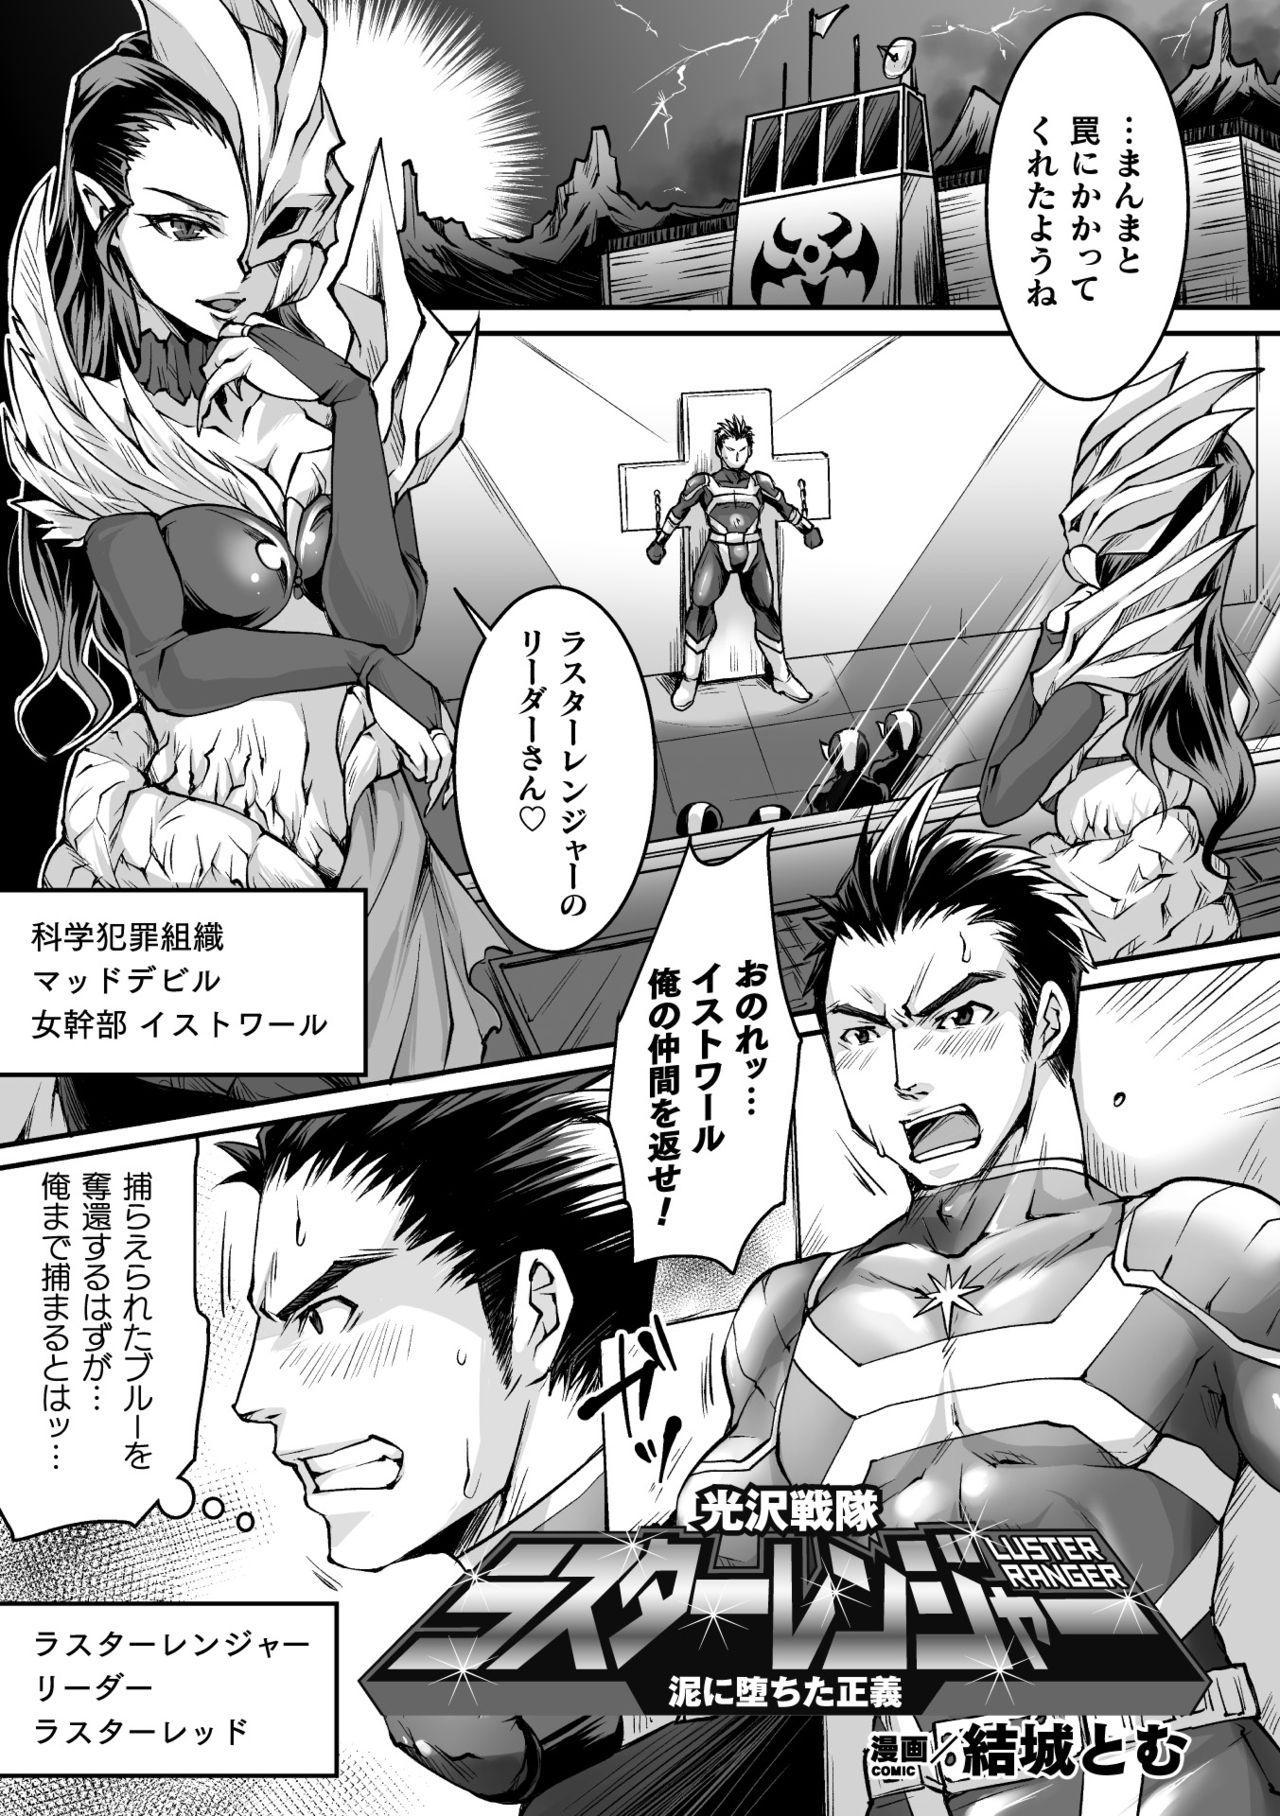 2D Comic Magazine TS Akuochi Nyotaika Shita Seigikan-tachi ga Akuten Acme! Vol. 2 26